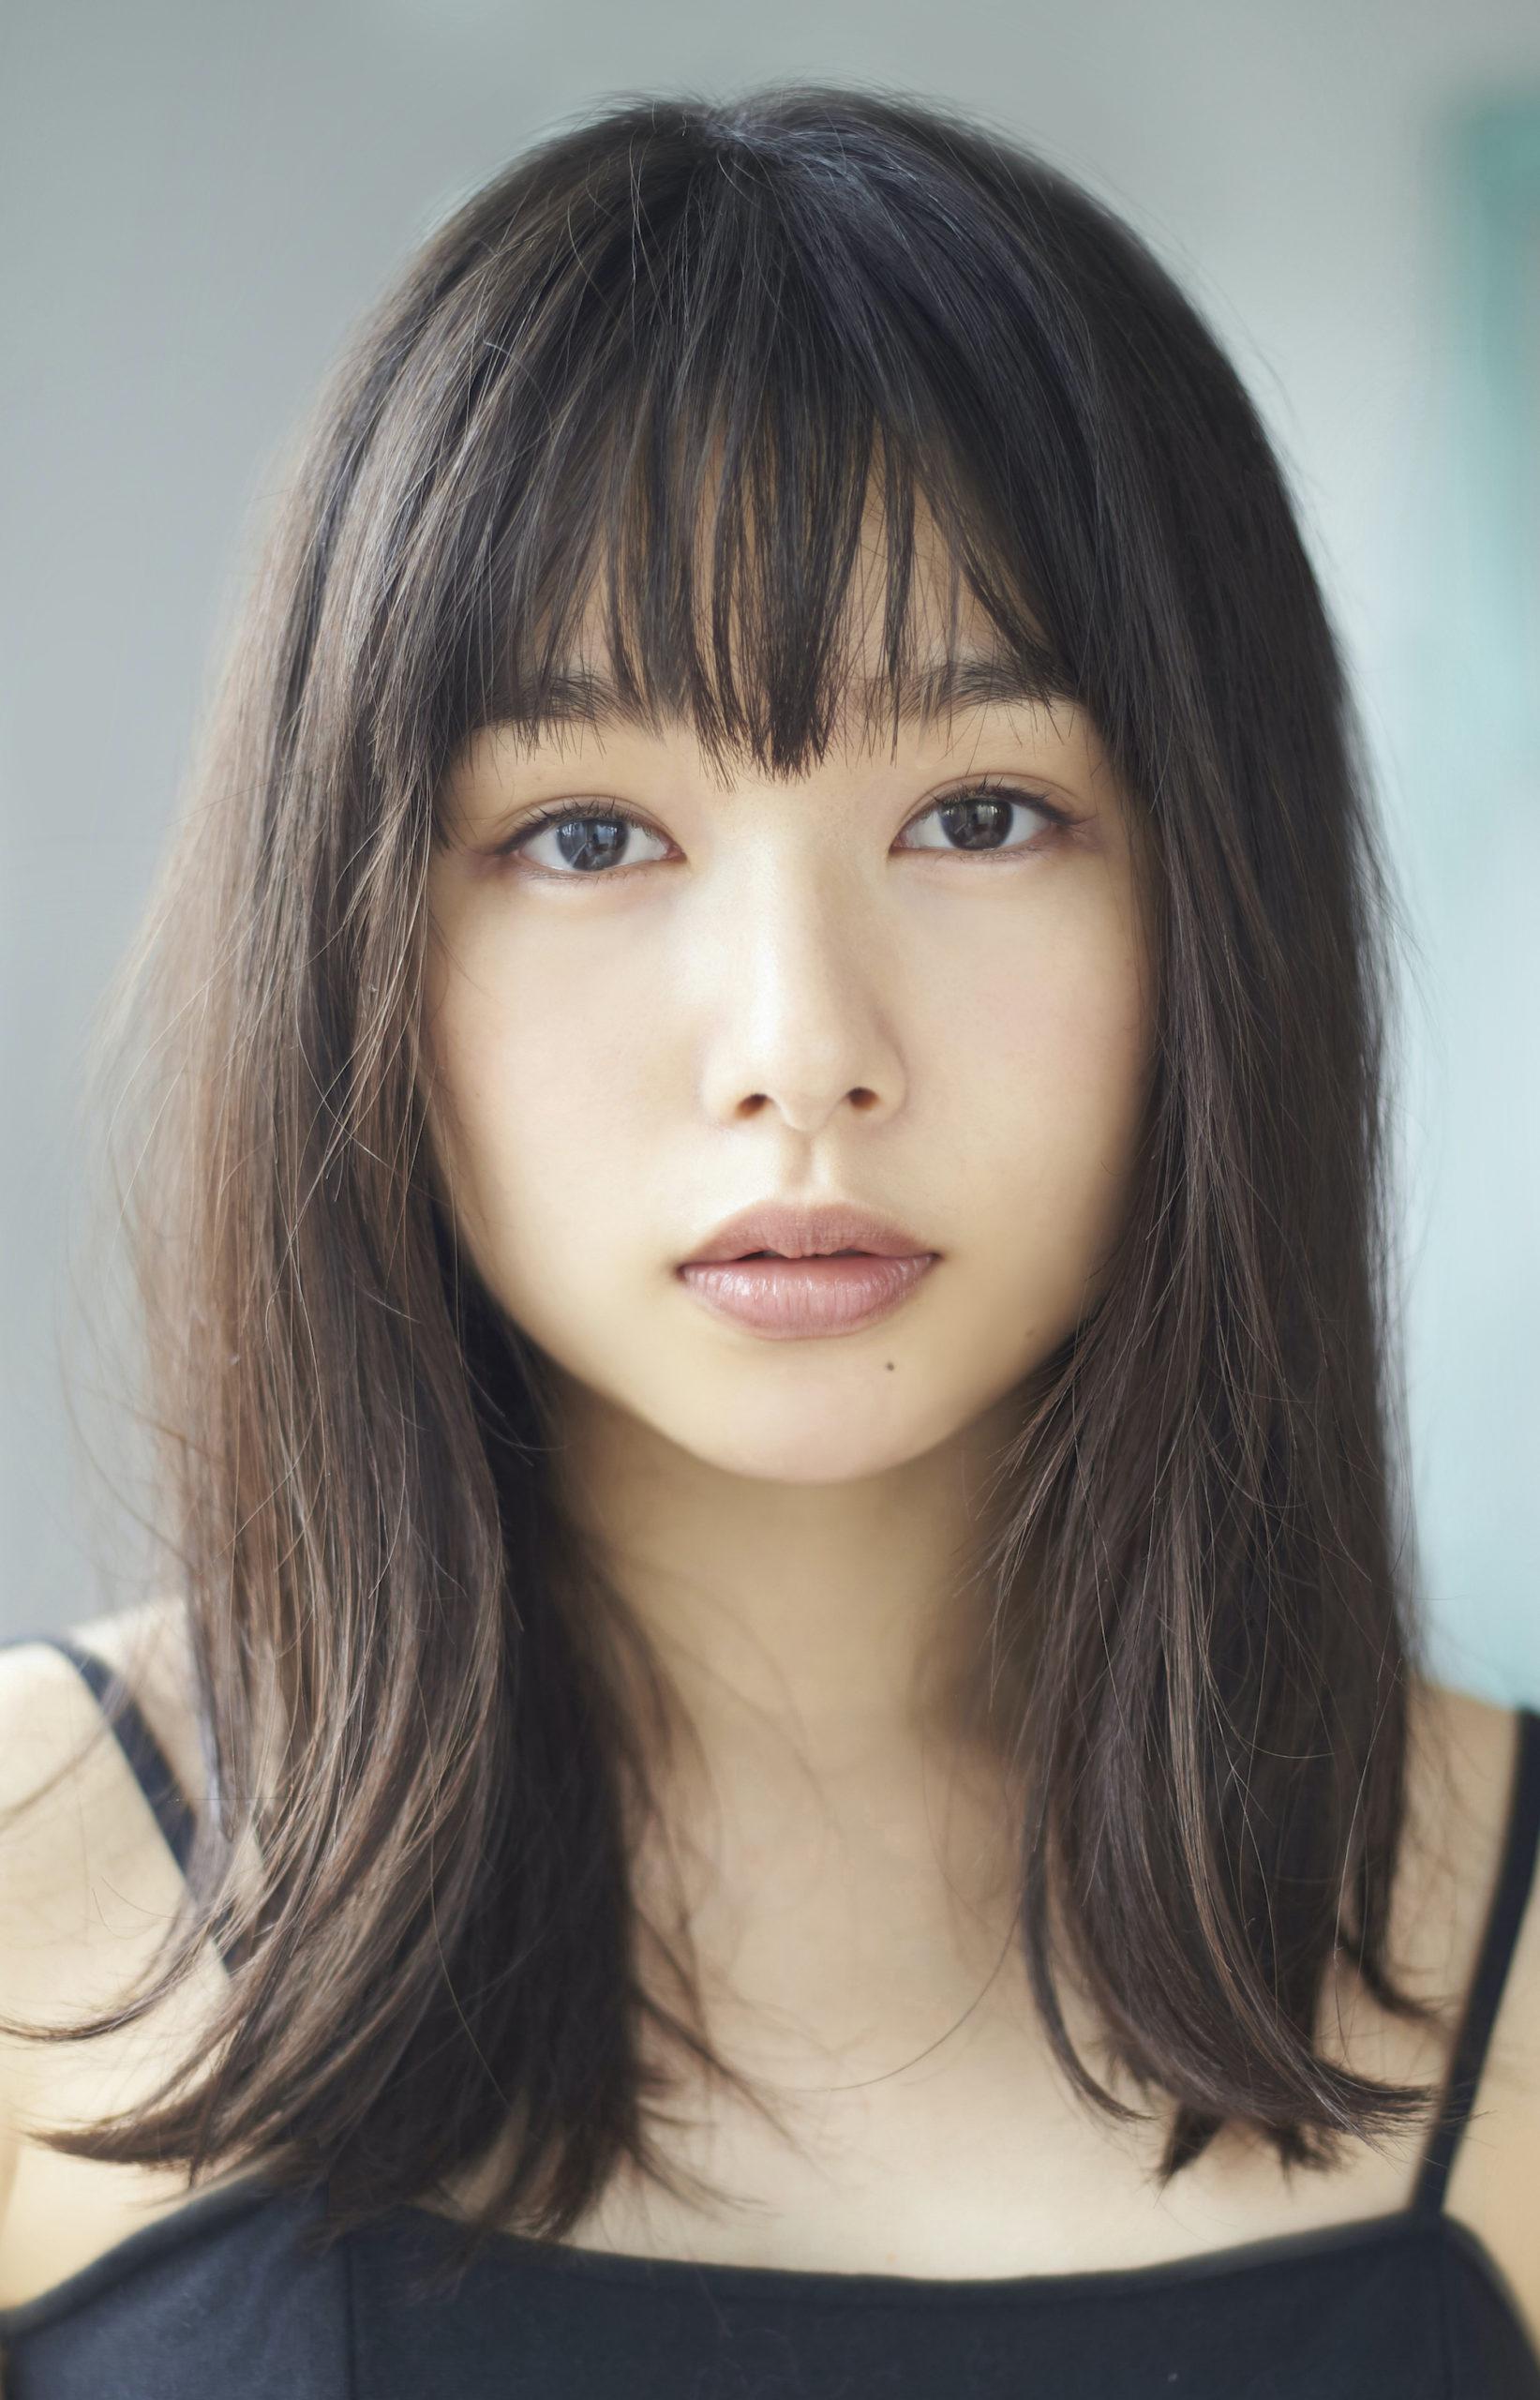 桜井日奈子(さくらい ひなこ/ACTRESS 女優)